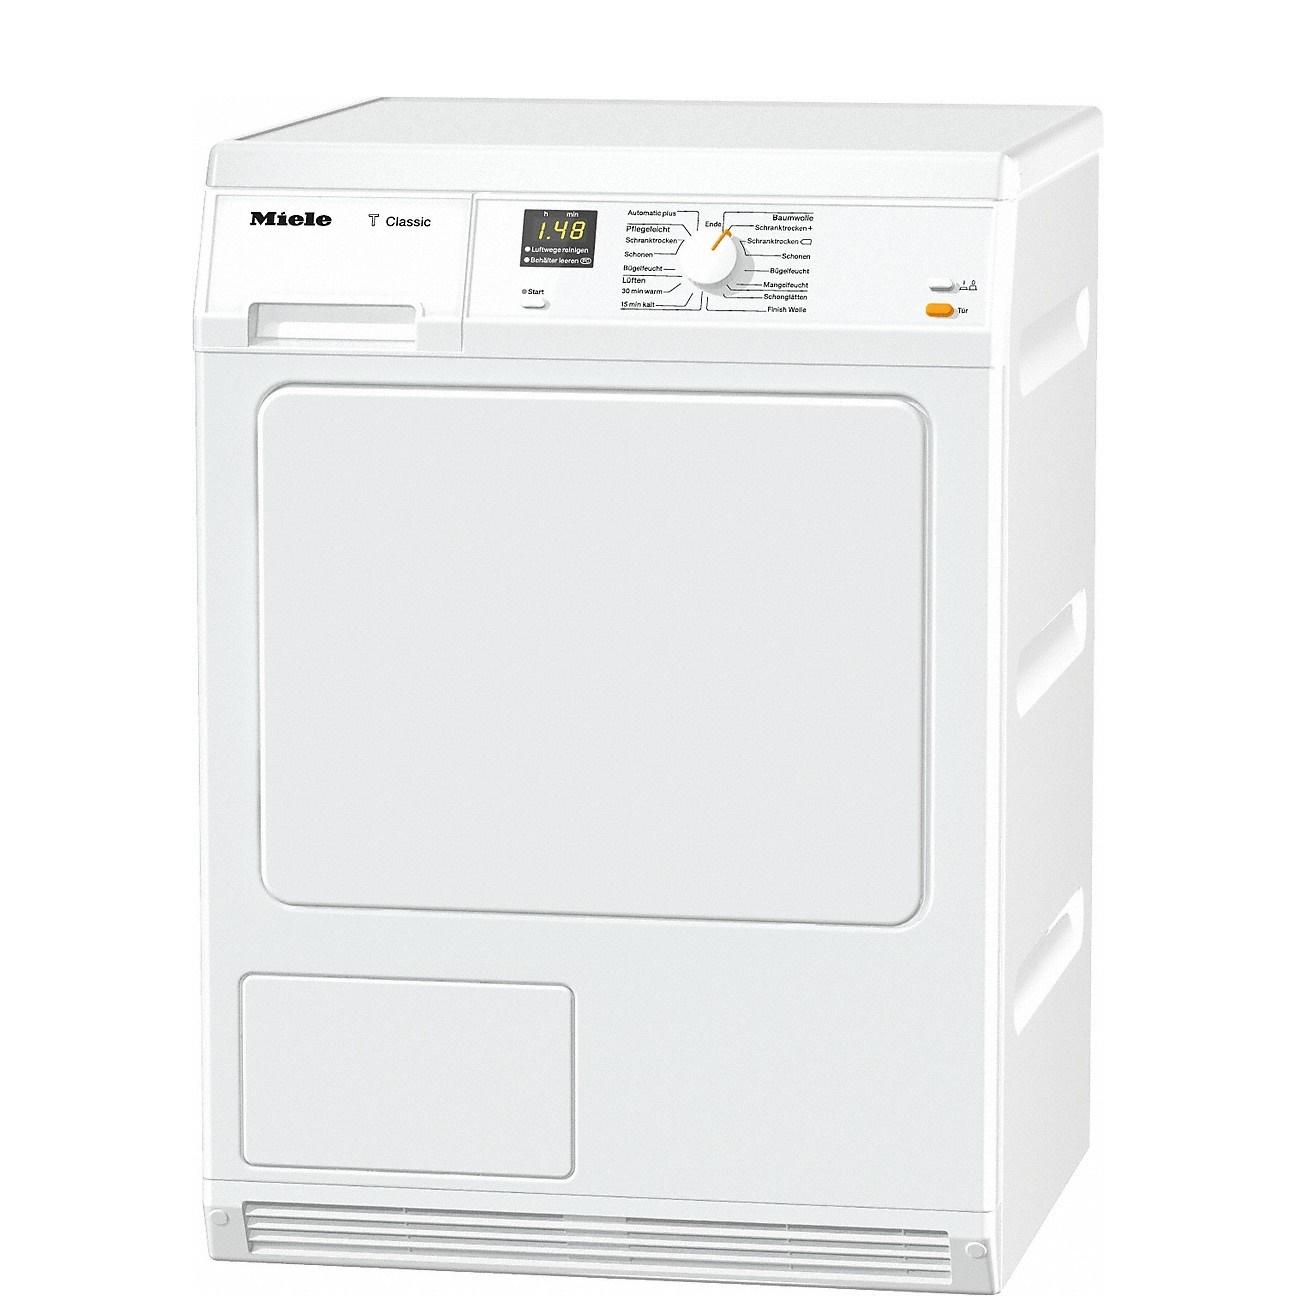 Miele mašina za sušenje veša TDA 150 C - Inelektronik